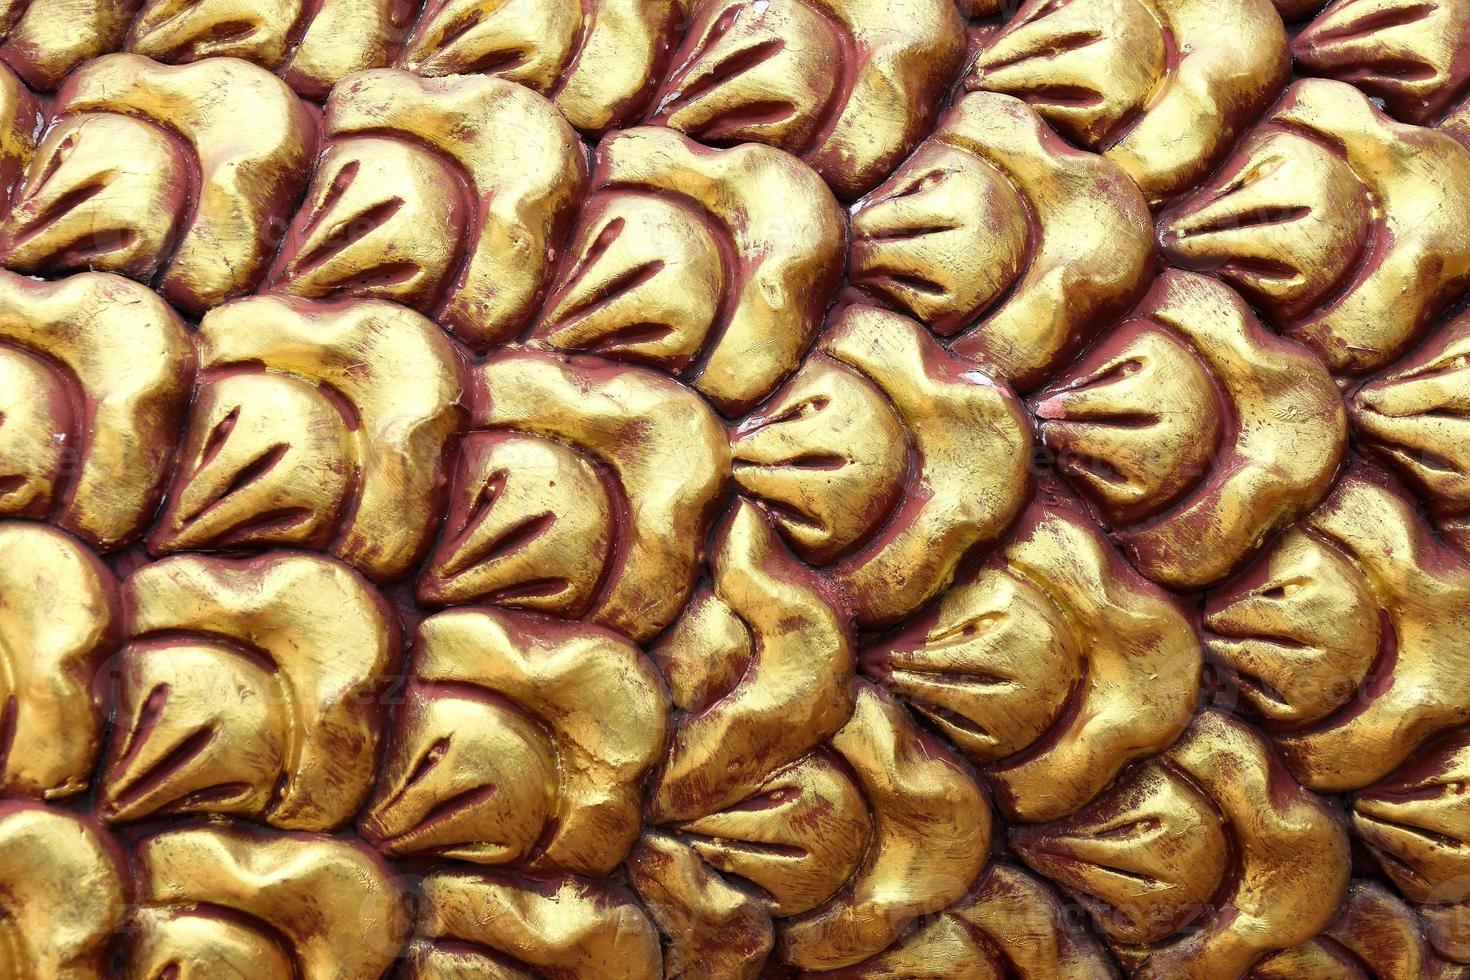 Gold Drachenschuppen Hintergrund Textur Oberflächendekoration. foto